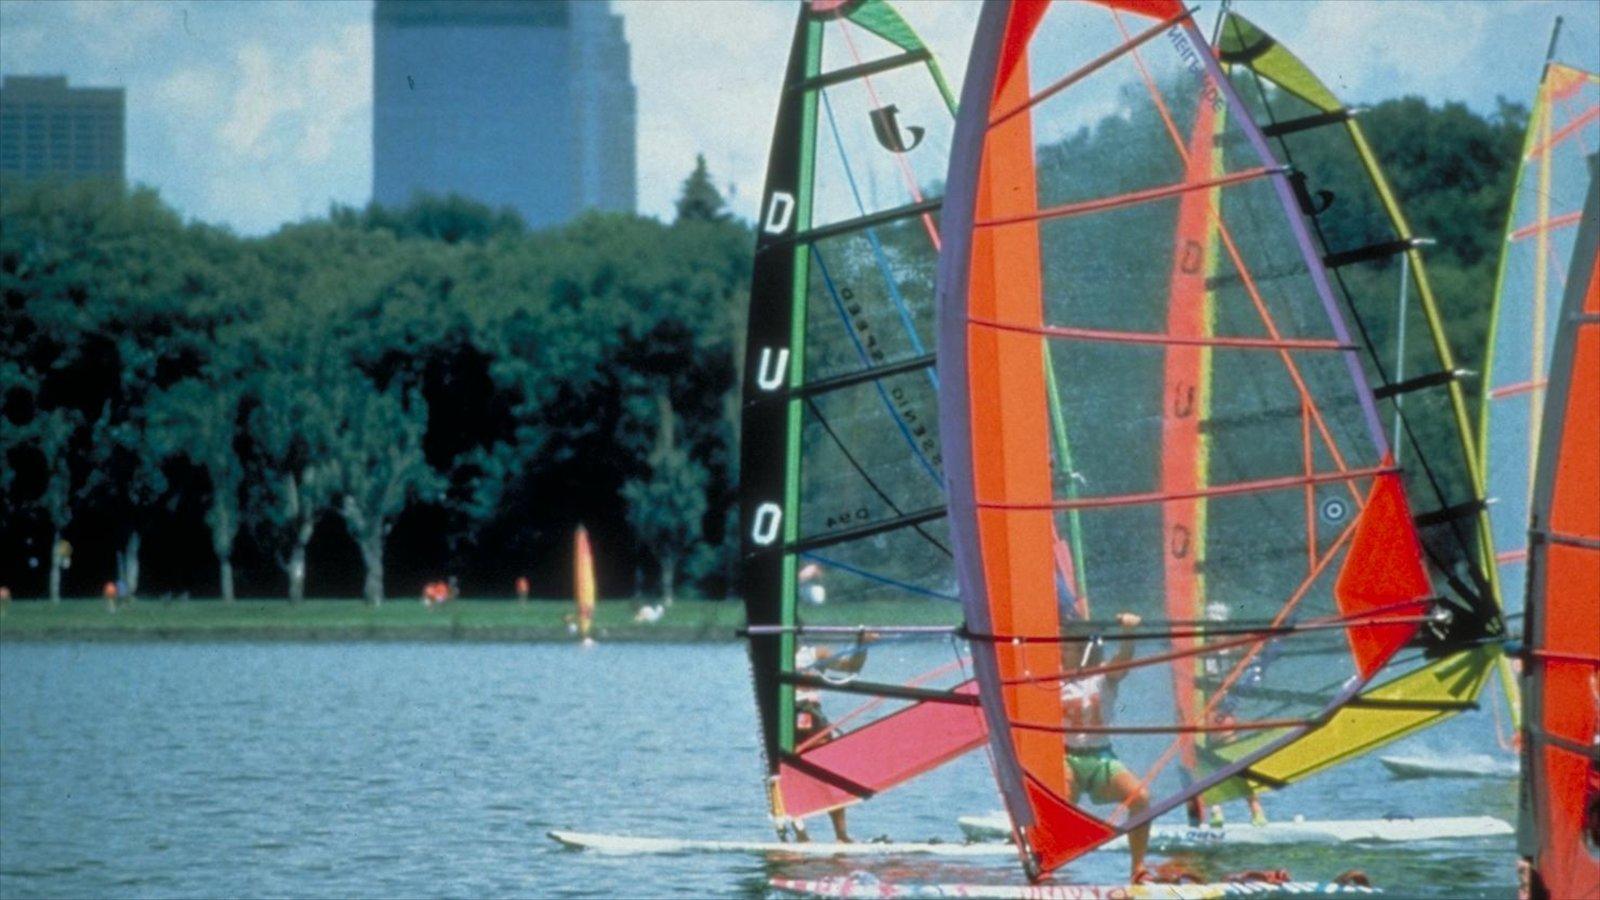 Lake Calhoun mostrando um lago ou charco, um evento desportivo e paisagem